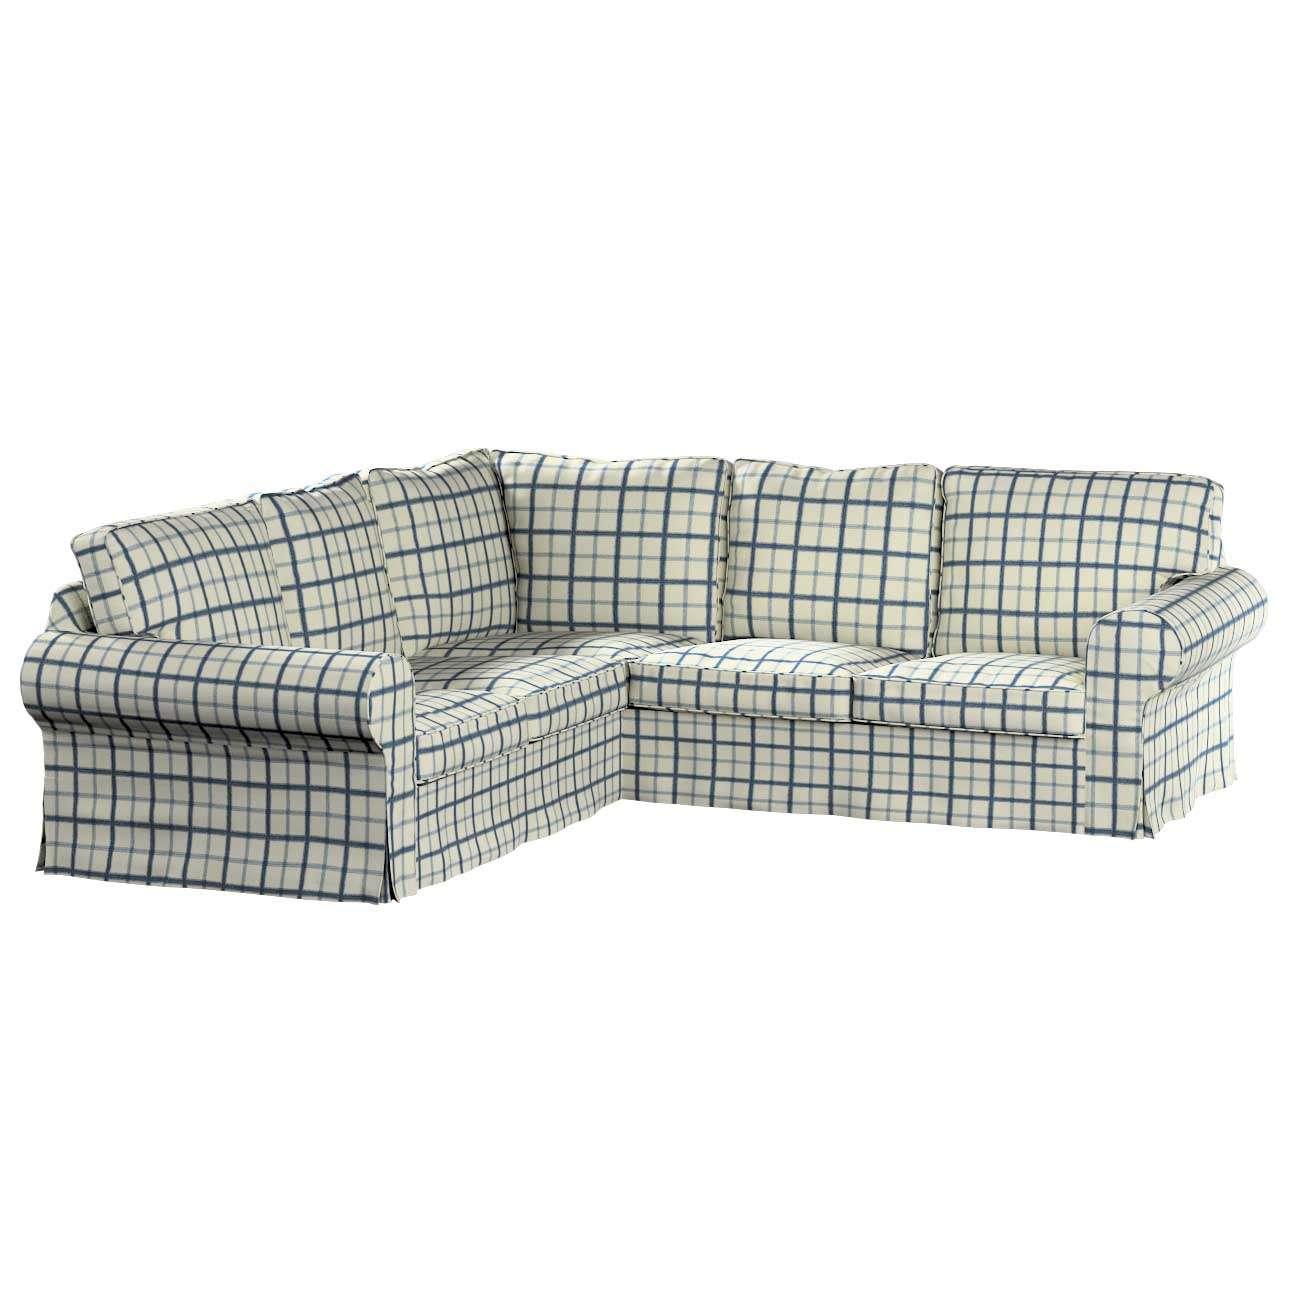 Pokrowiec Ektorp na sofę Sofa Ektorp narożna w kolekcji Avinon, tkanina: 131-66